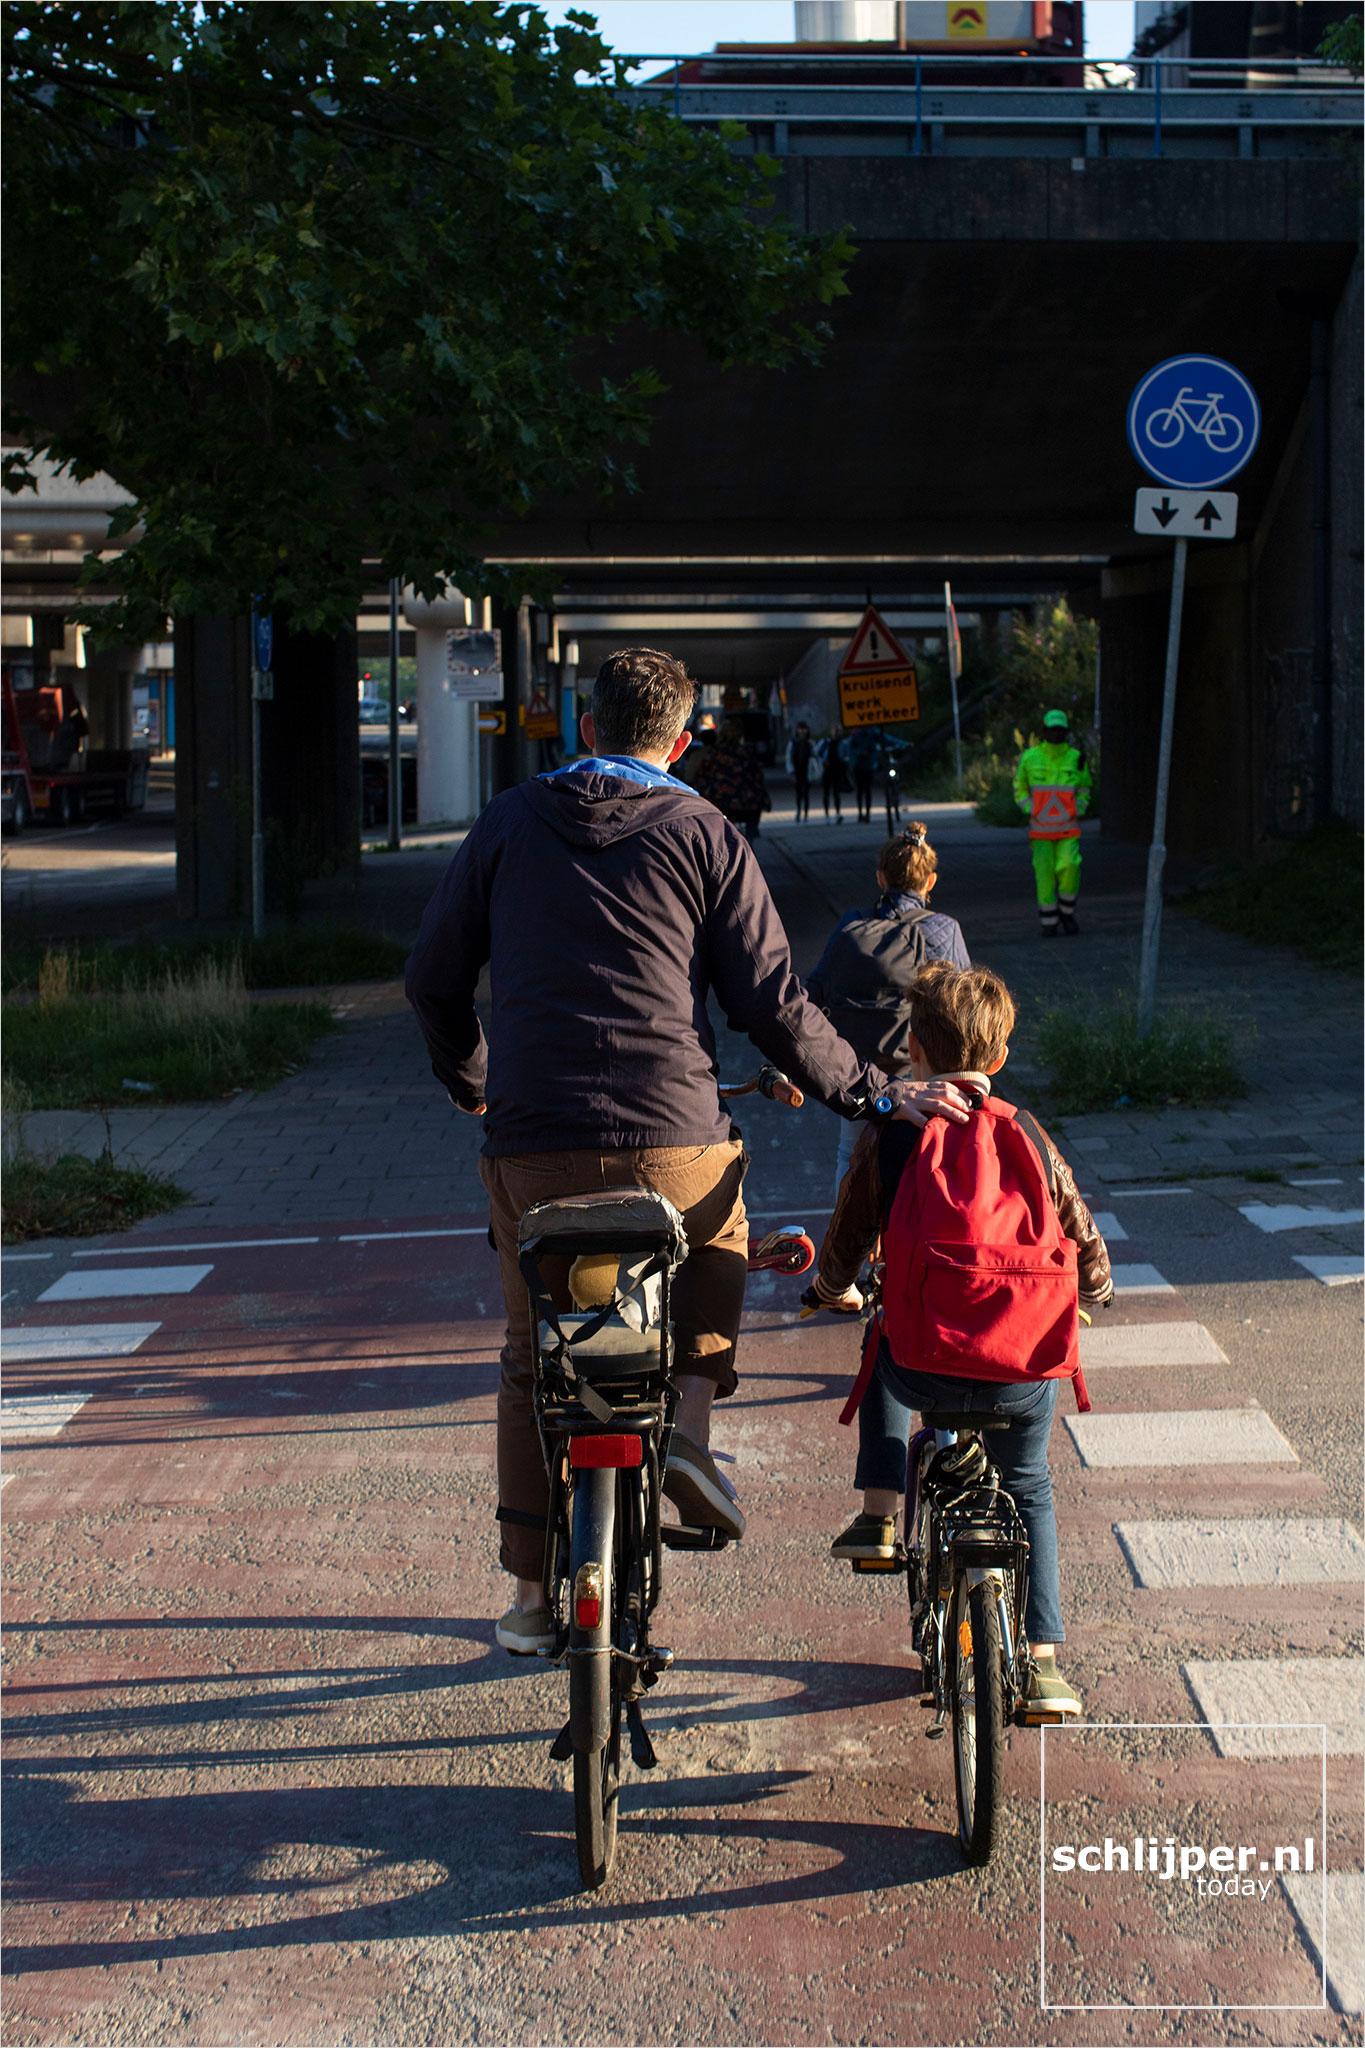 Nederland, Amsterdam, 2 september 2020